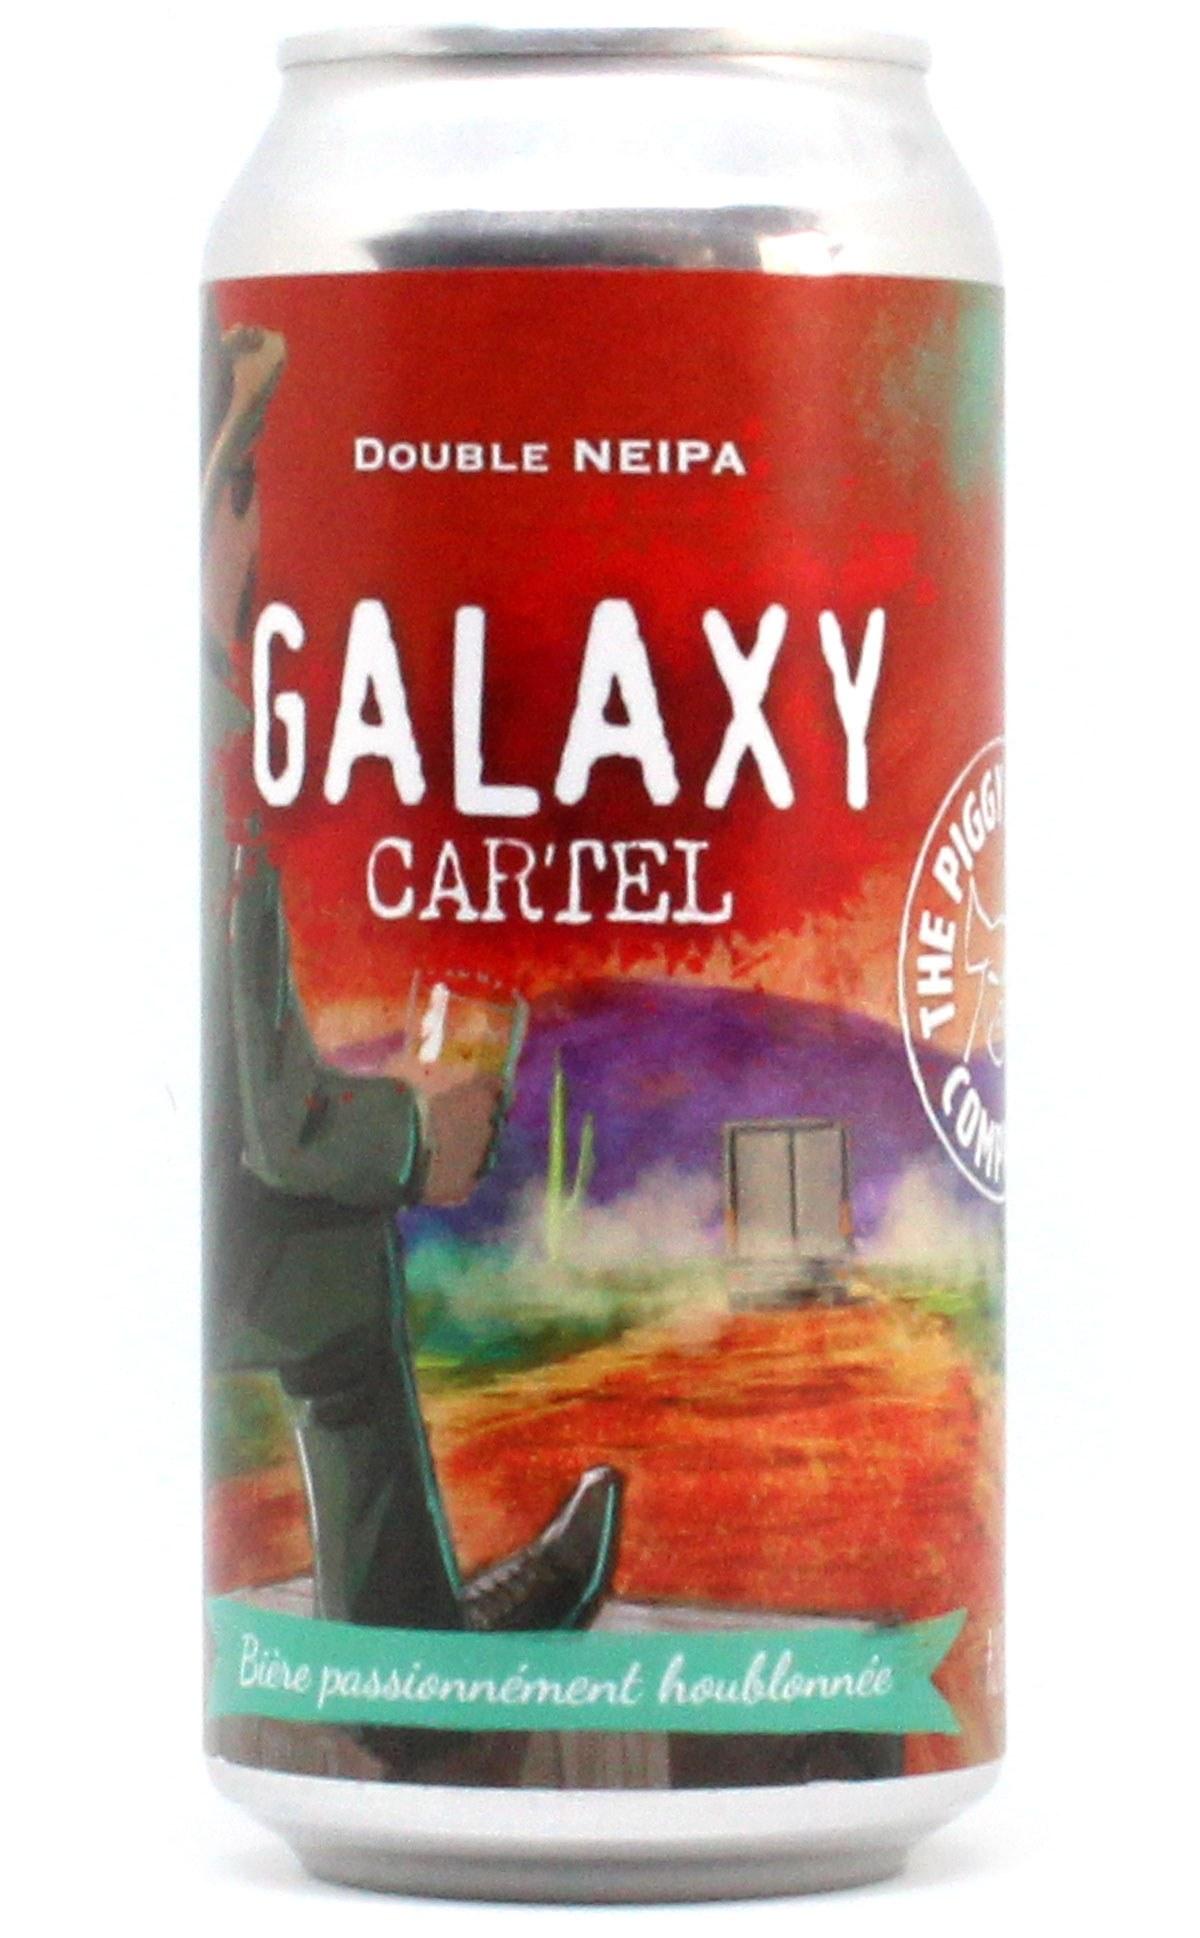 Galaxy Cartel